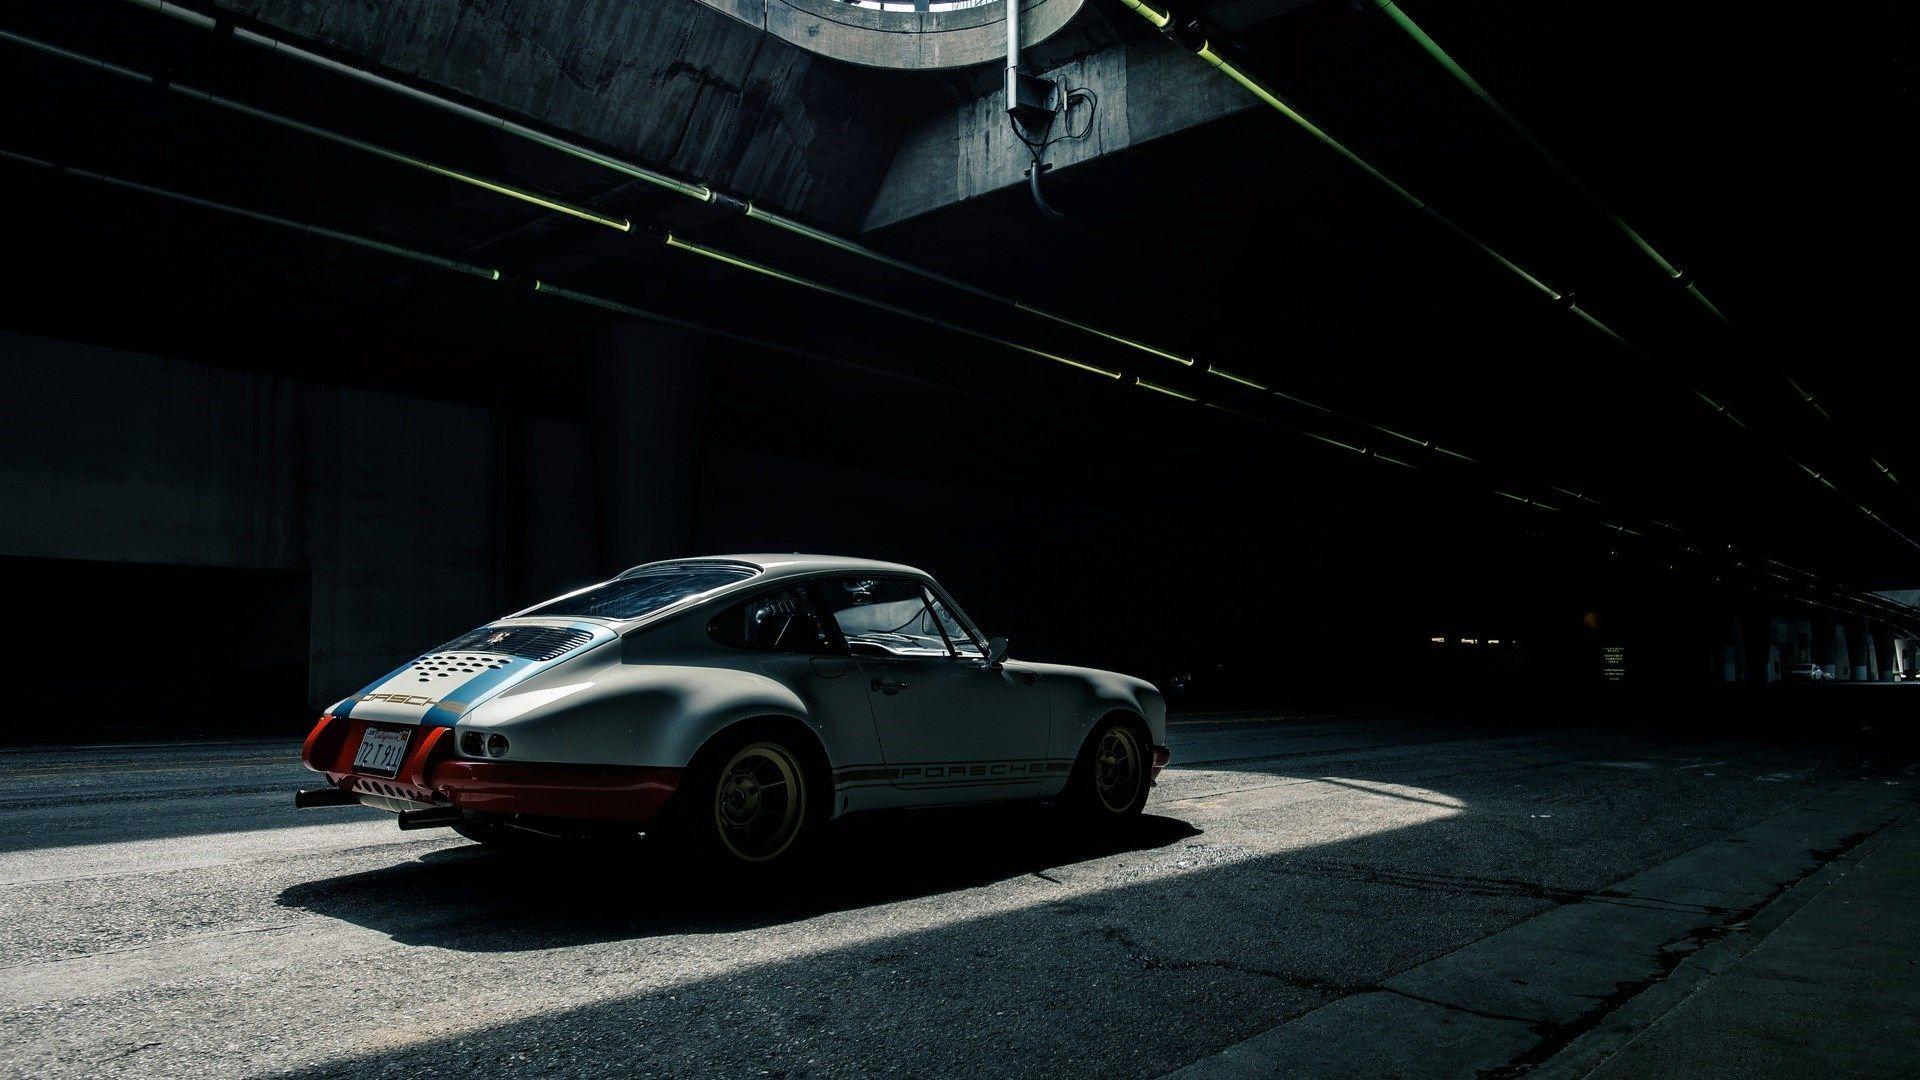 Porsche 911 Wallpaper 11   1920 X 1080 stmednet 1920x1080